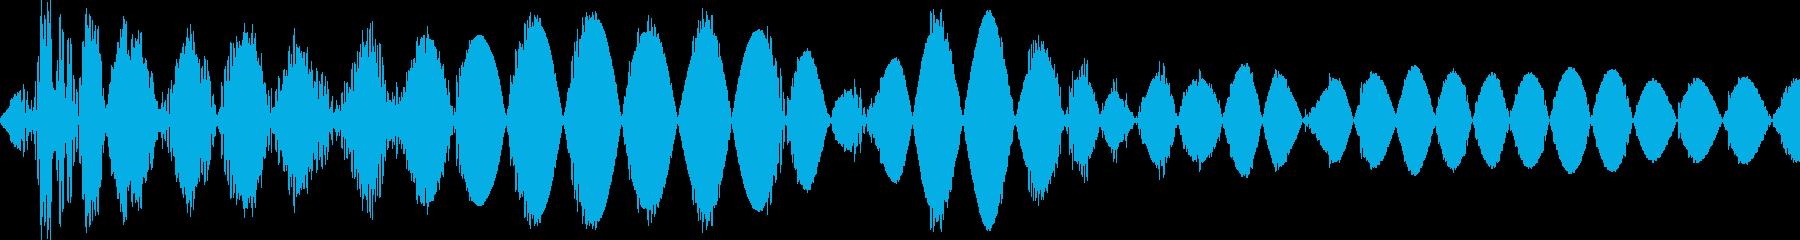 ドス(決定 カーソル移動 コミカル殴り)の再生済みの波形